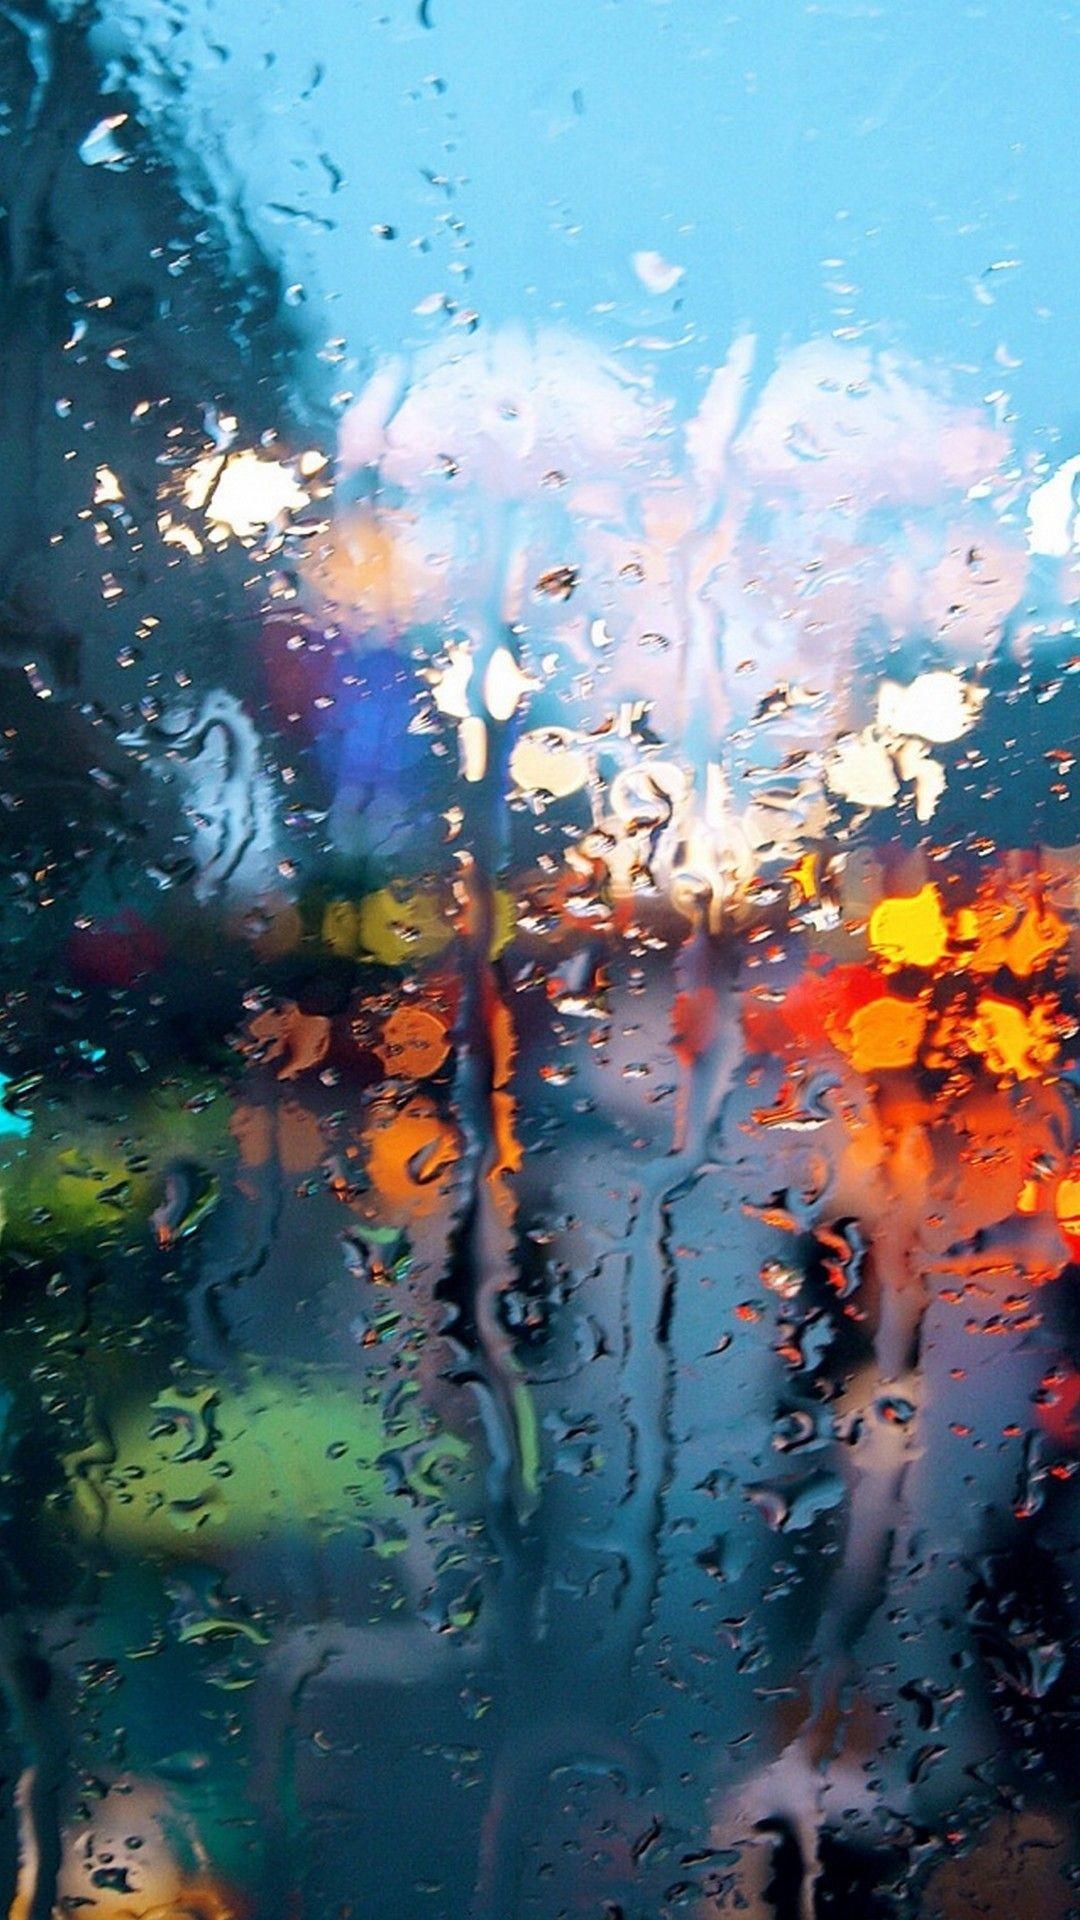 Res: 1080x1920, Raindrop Wallpaper iPhone 5 - Best iPhone Wallpaper